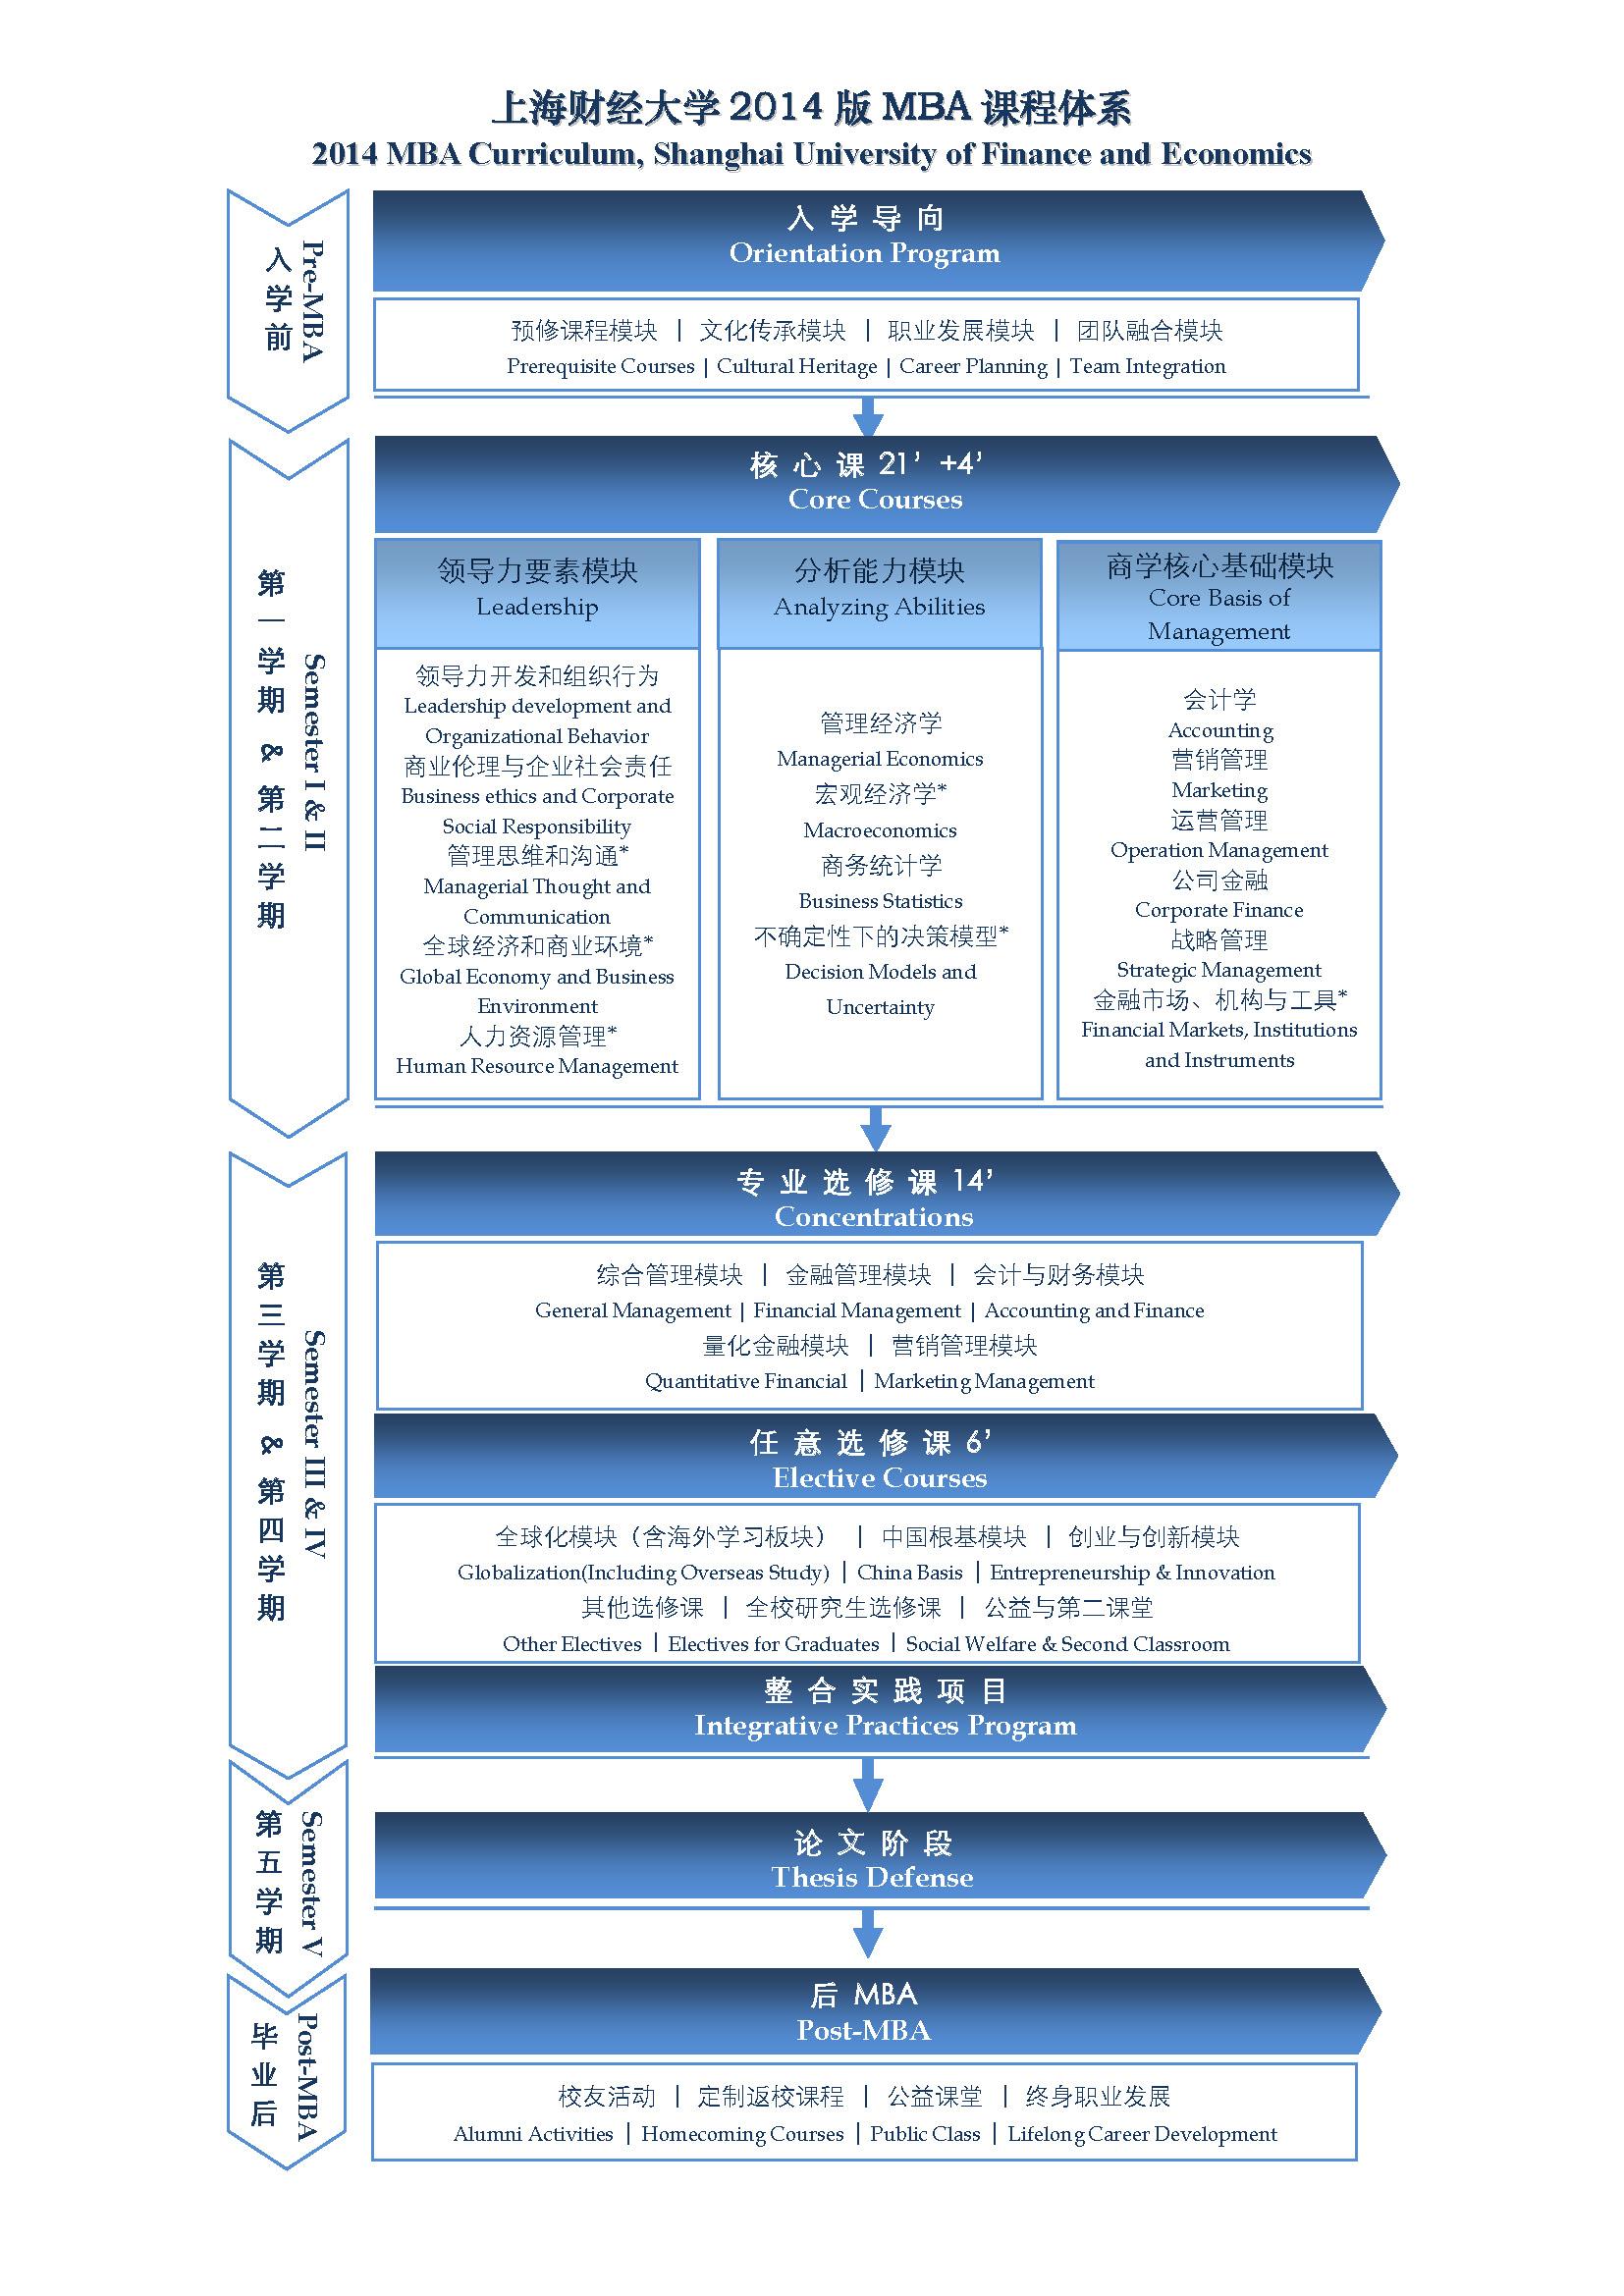 1.2014版MBA课程体系_2017.7.13.jpg